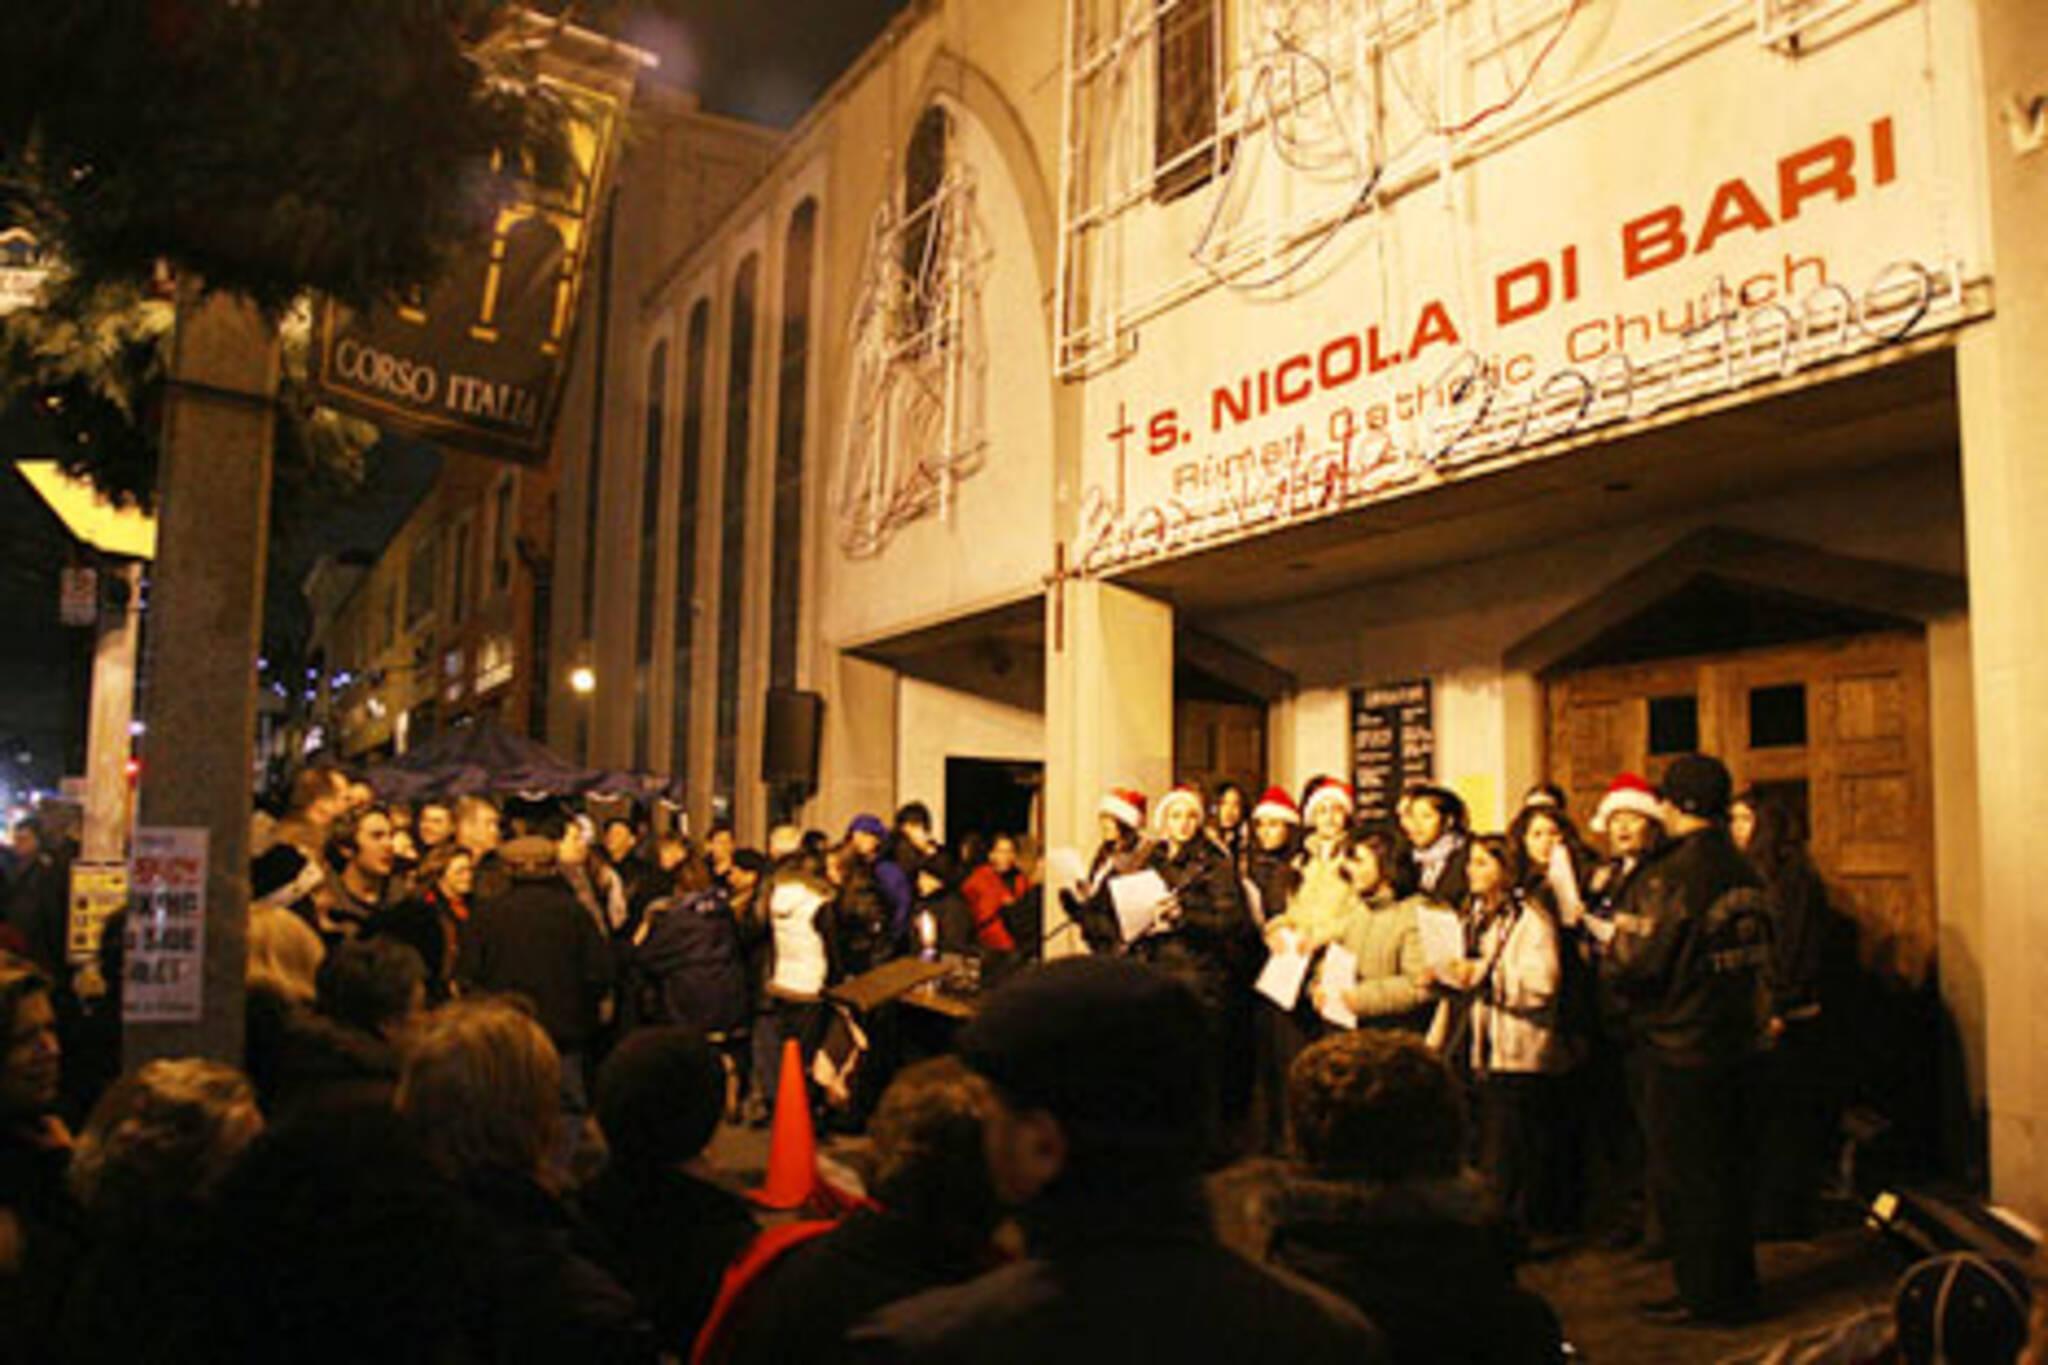 20061117-corsoblackout.jpg